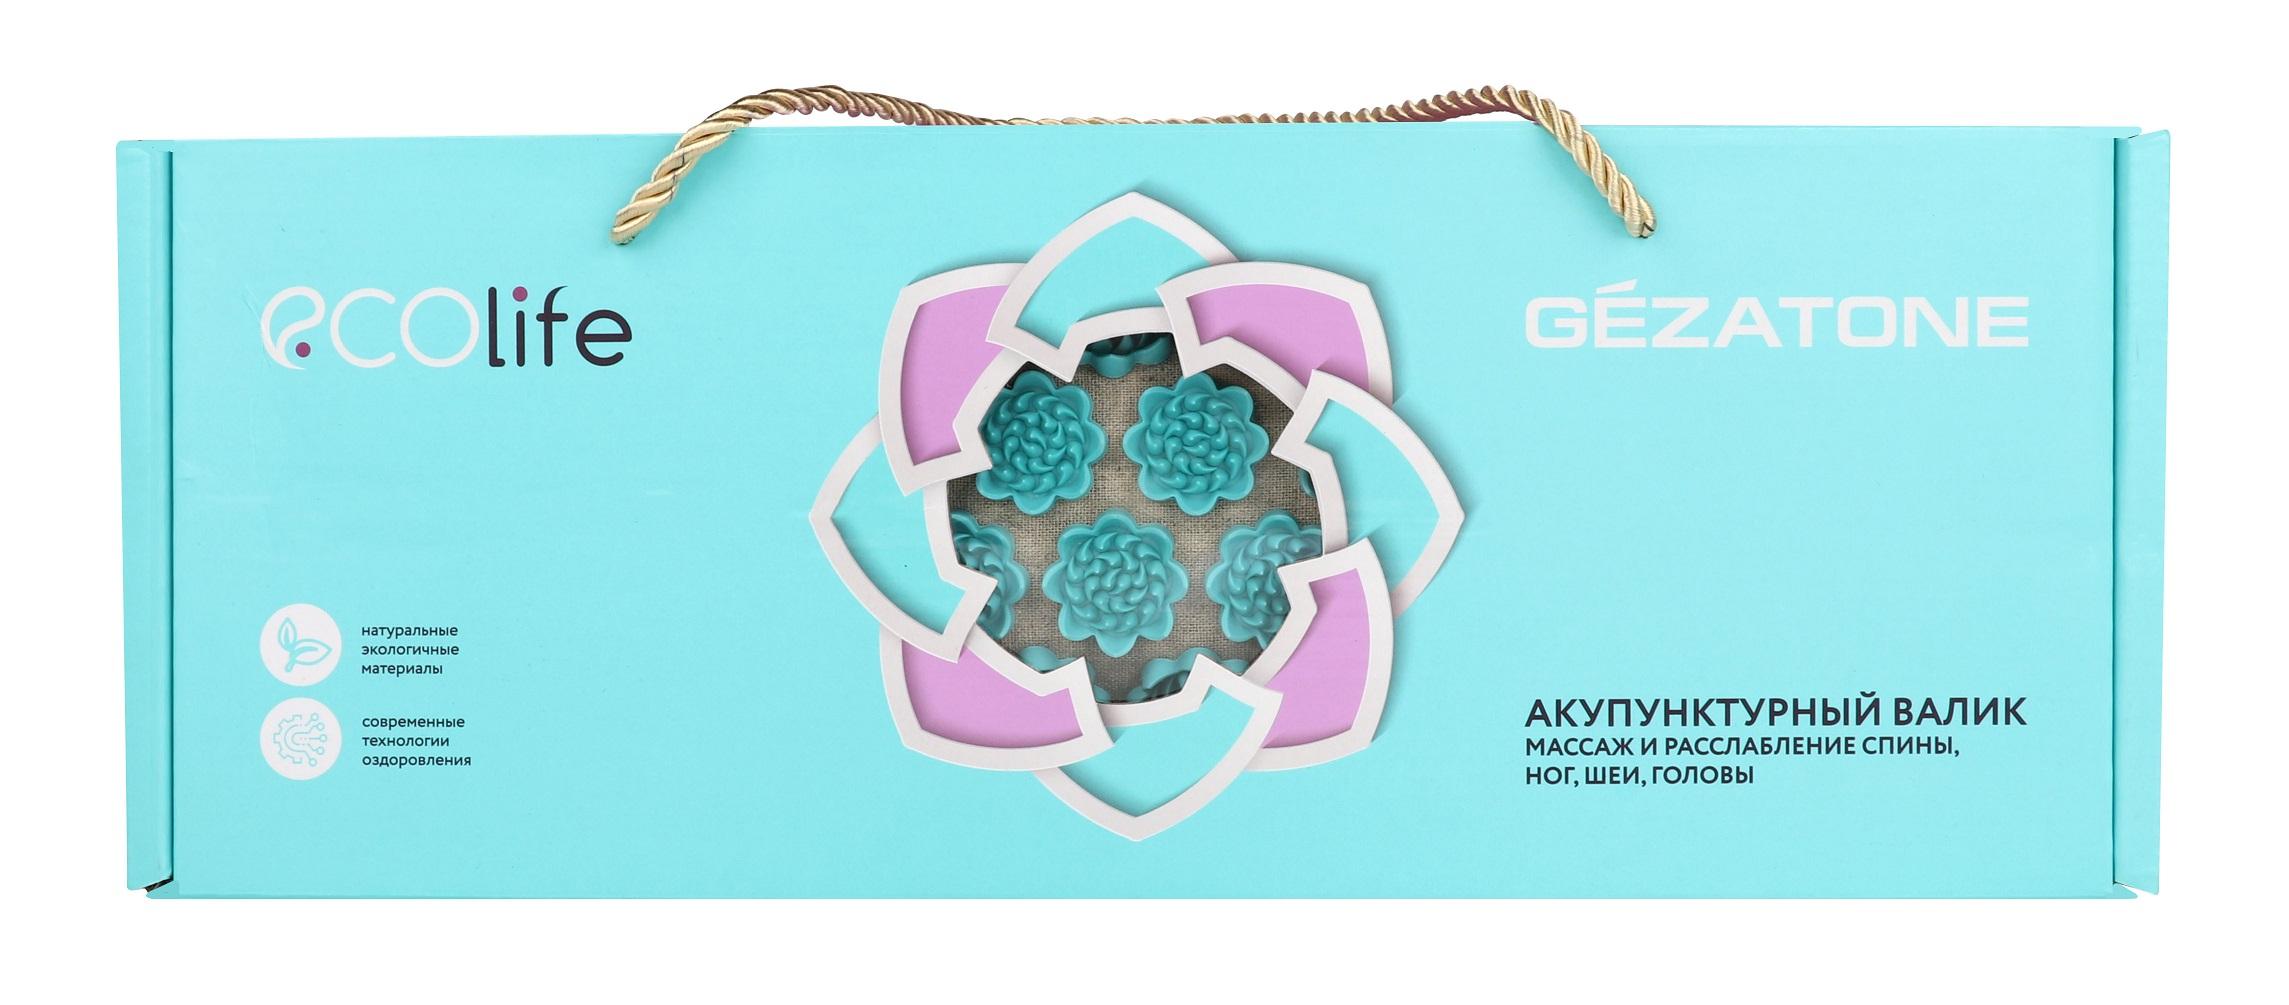 Купить GEZATONE Подушка массажная акупунктурная полукруглая, бирюзовая EcoLife Gezatone 40 х 15 см